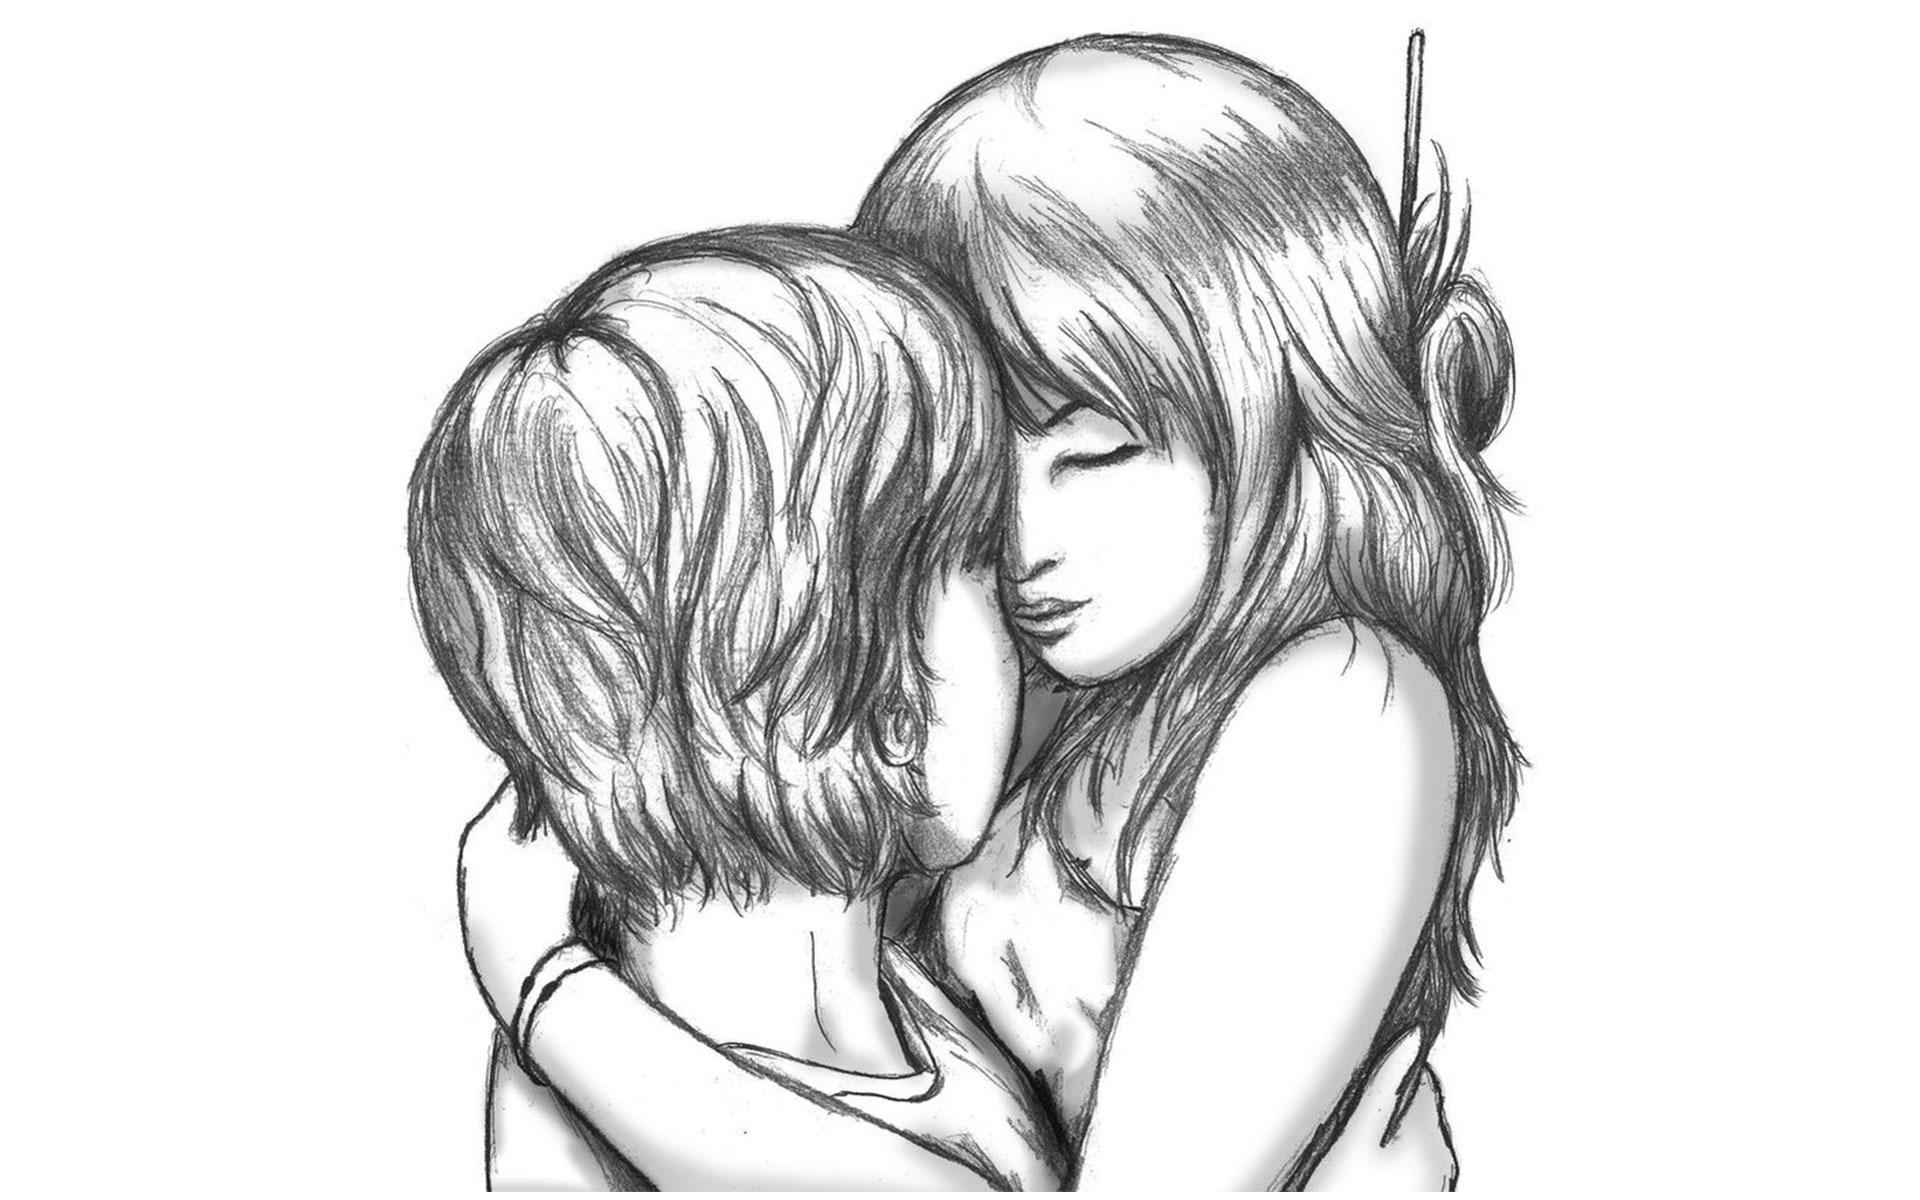 Cute love drawings pencil art hd romantic sketch wallpaper